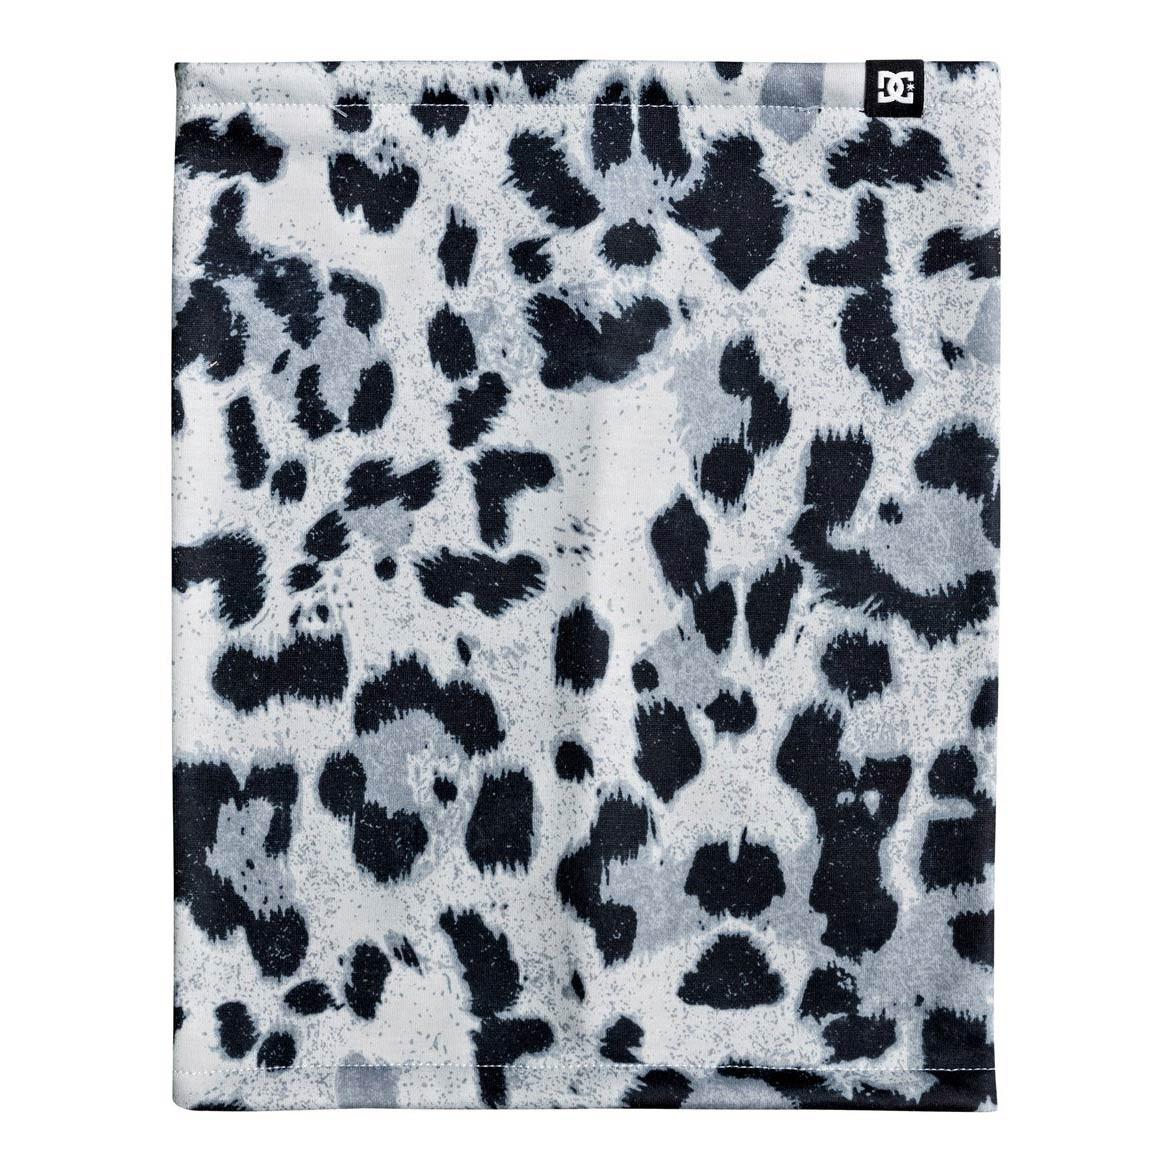 Nákrčník DC Jose Wmn snow leopard